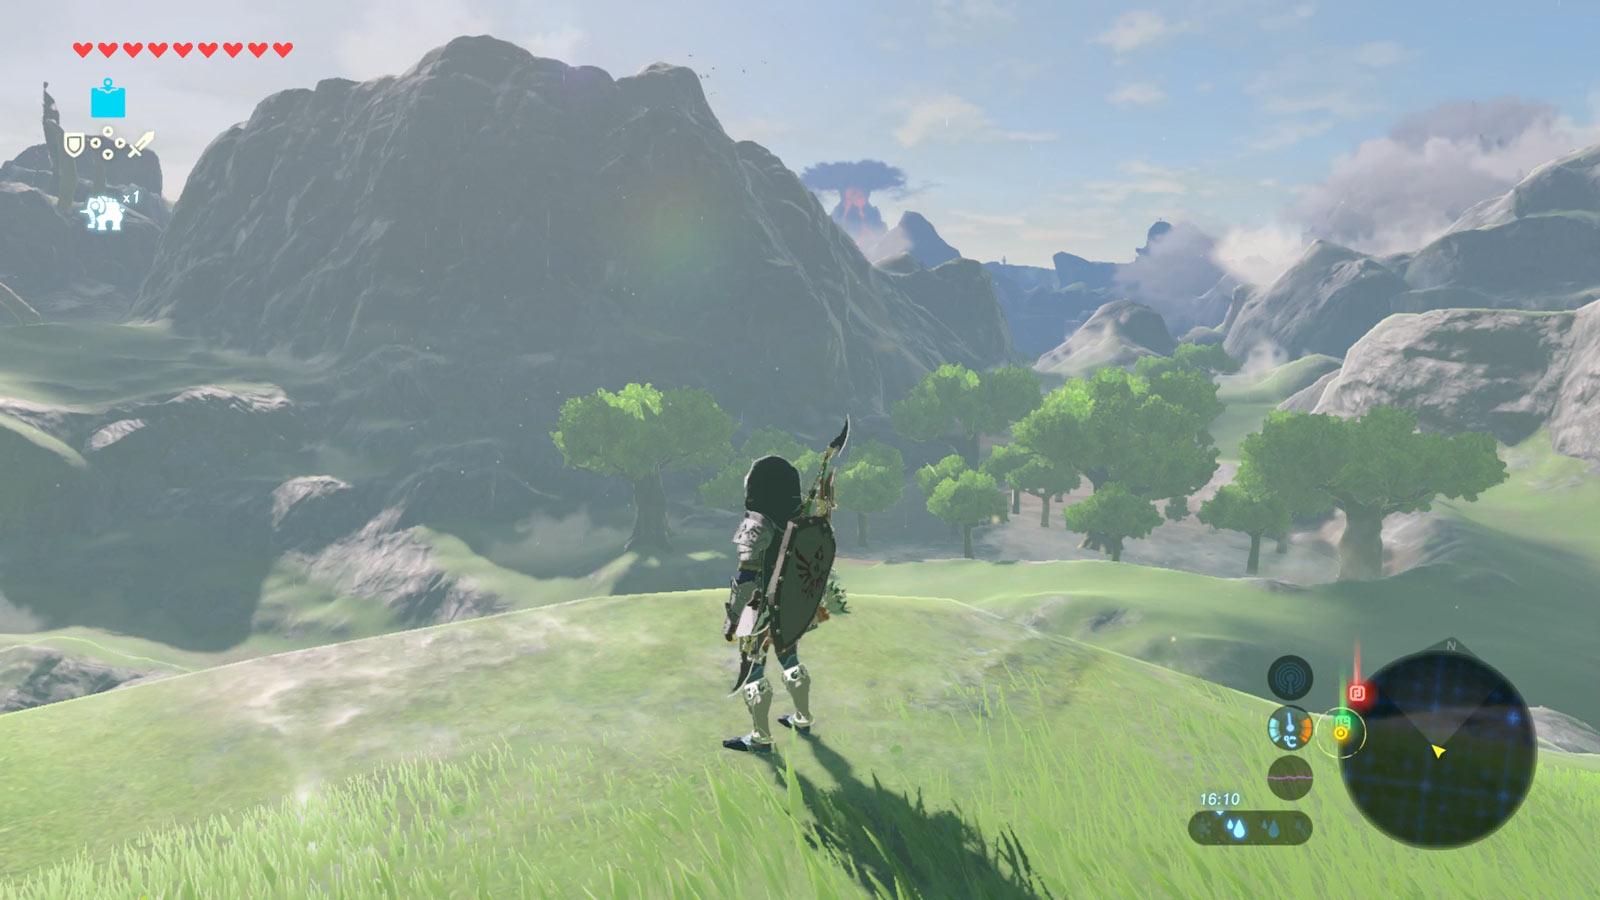 Si cette montagne ne bloquait pas la vue, vous verriez à quel point le territoire est immense.